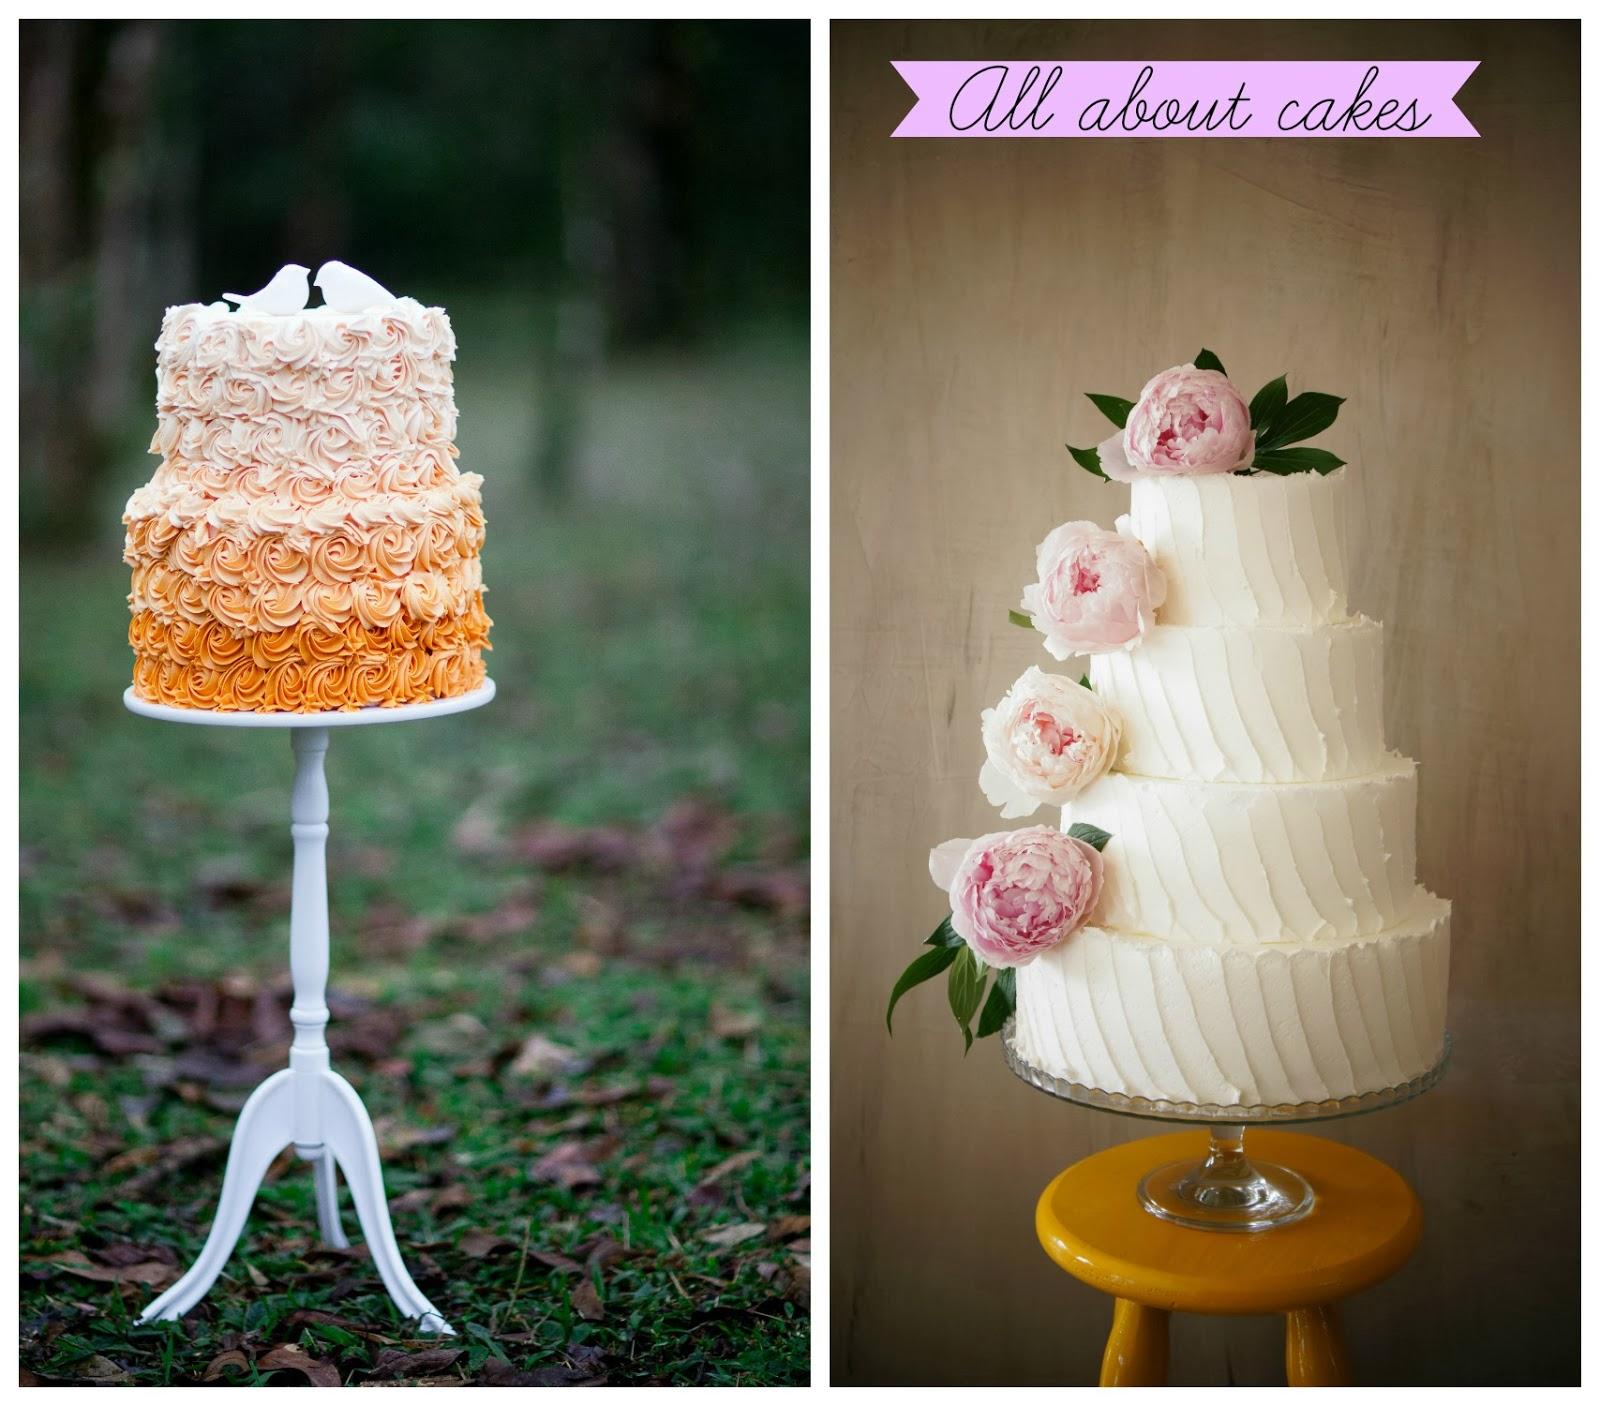 bolos-casamento-all-about-cakes